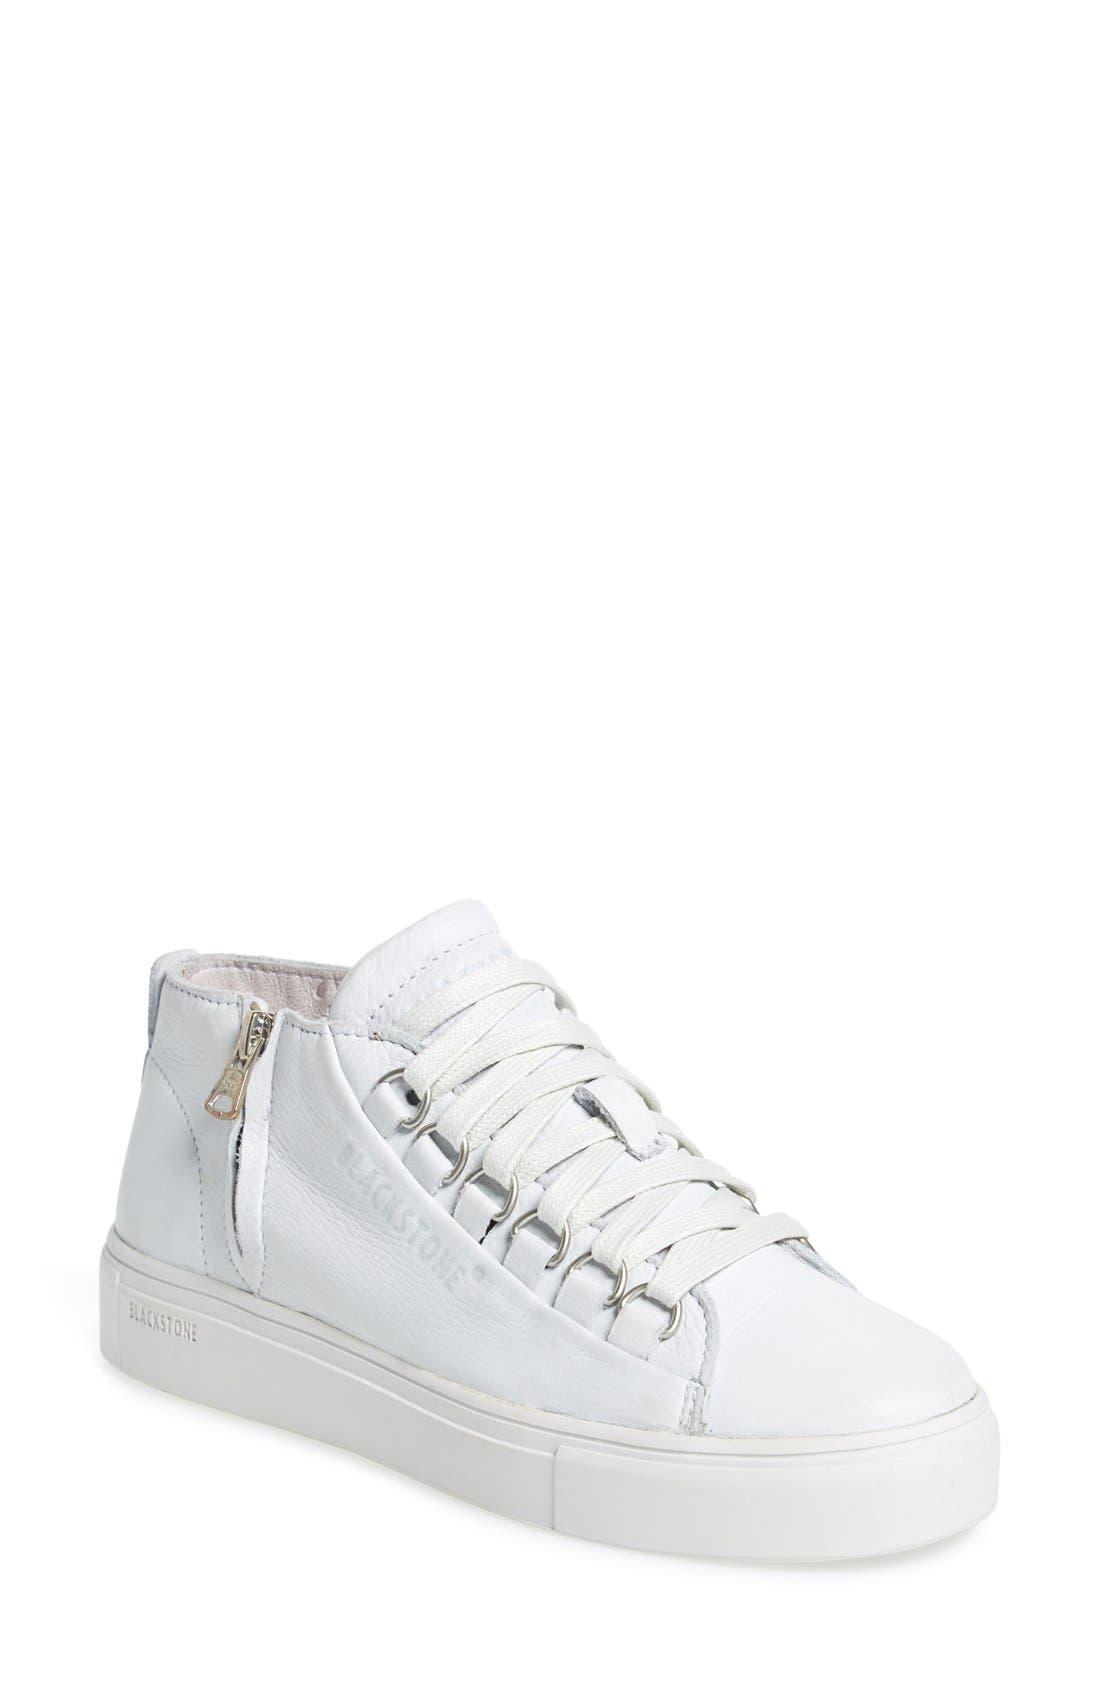 Blackstone Women's 'Ll60' Midi Sneaker rI4sspIJ